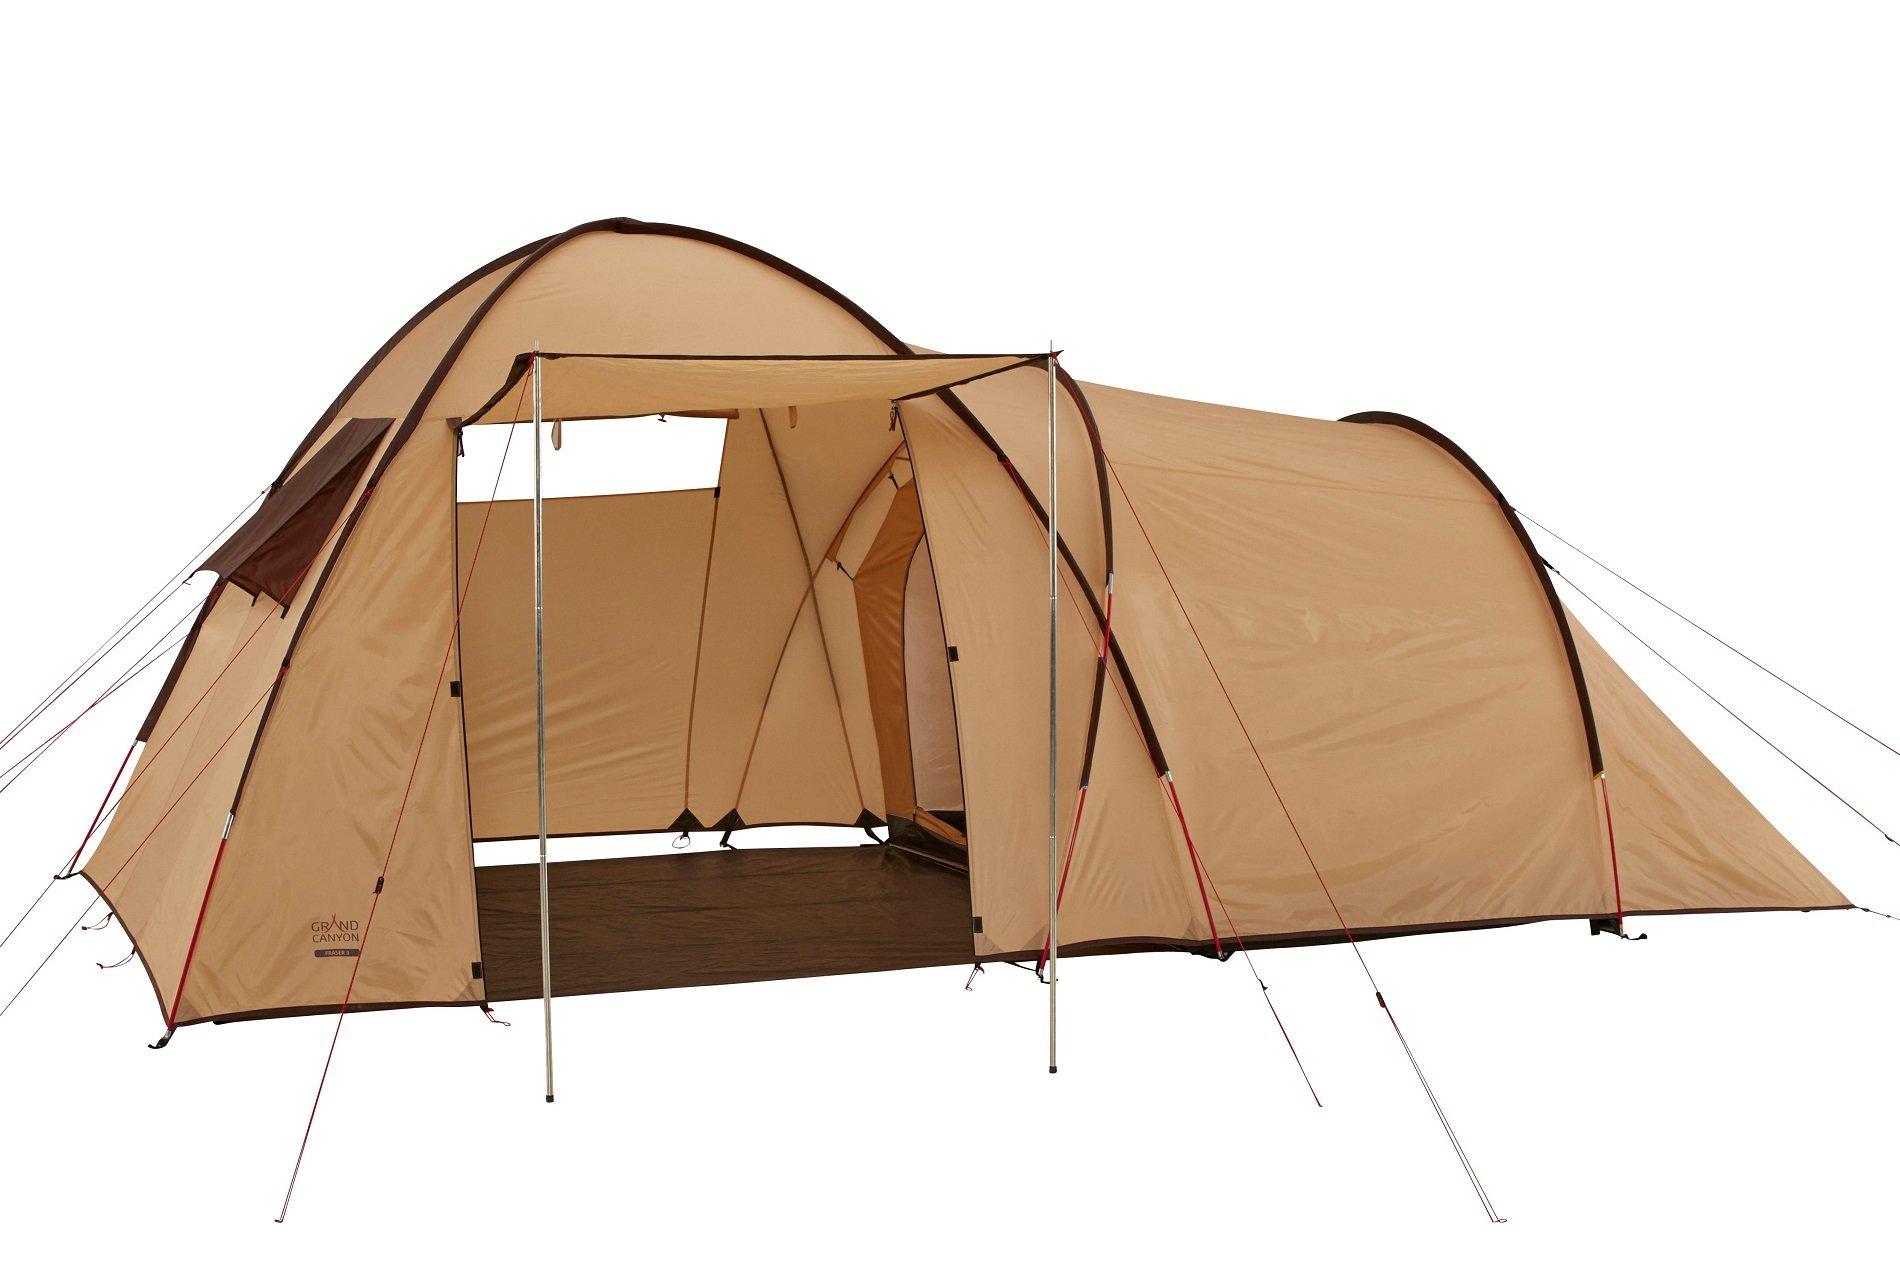 GRAND CANYON Fraser 3 – tienda para camping (tienda para 3 personas), beige